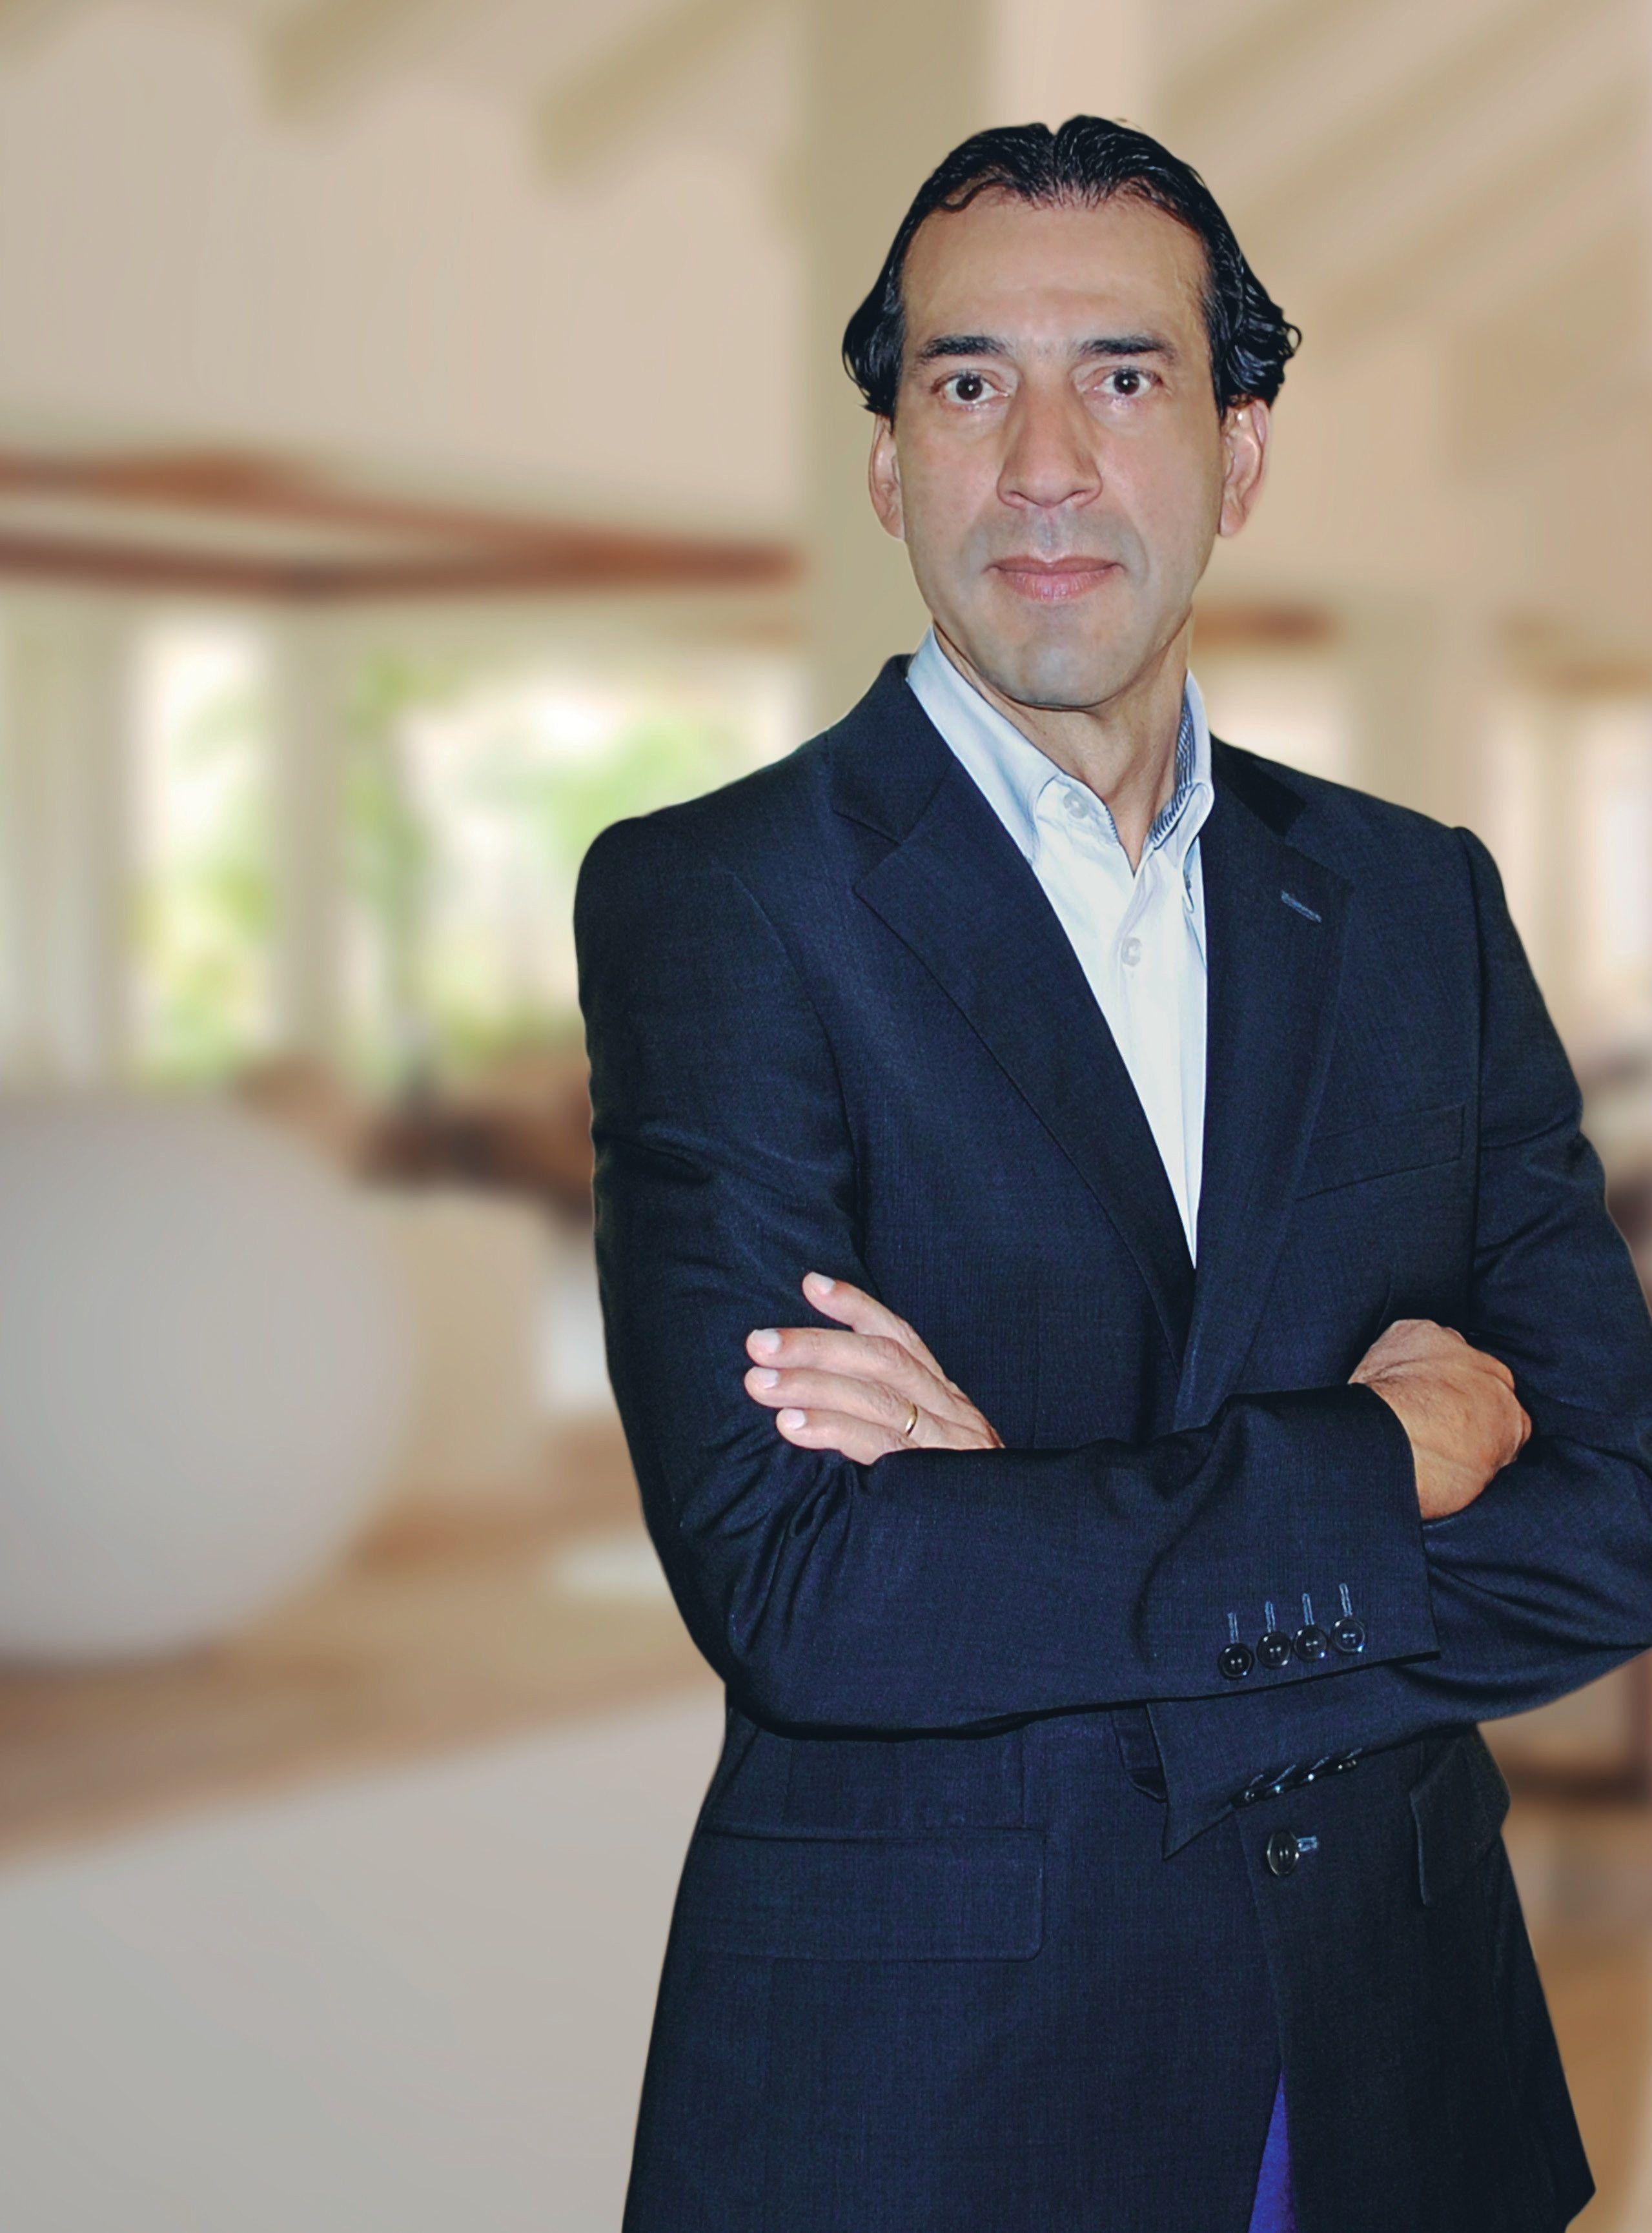 Bienvenido a República Dominicana: Daniel Lozano Director de Paradisus Resorts